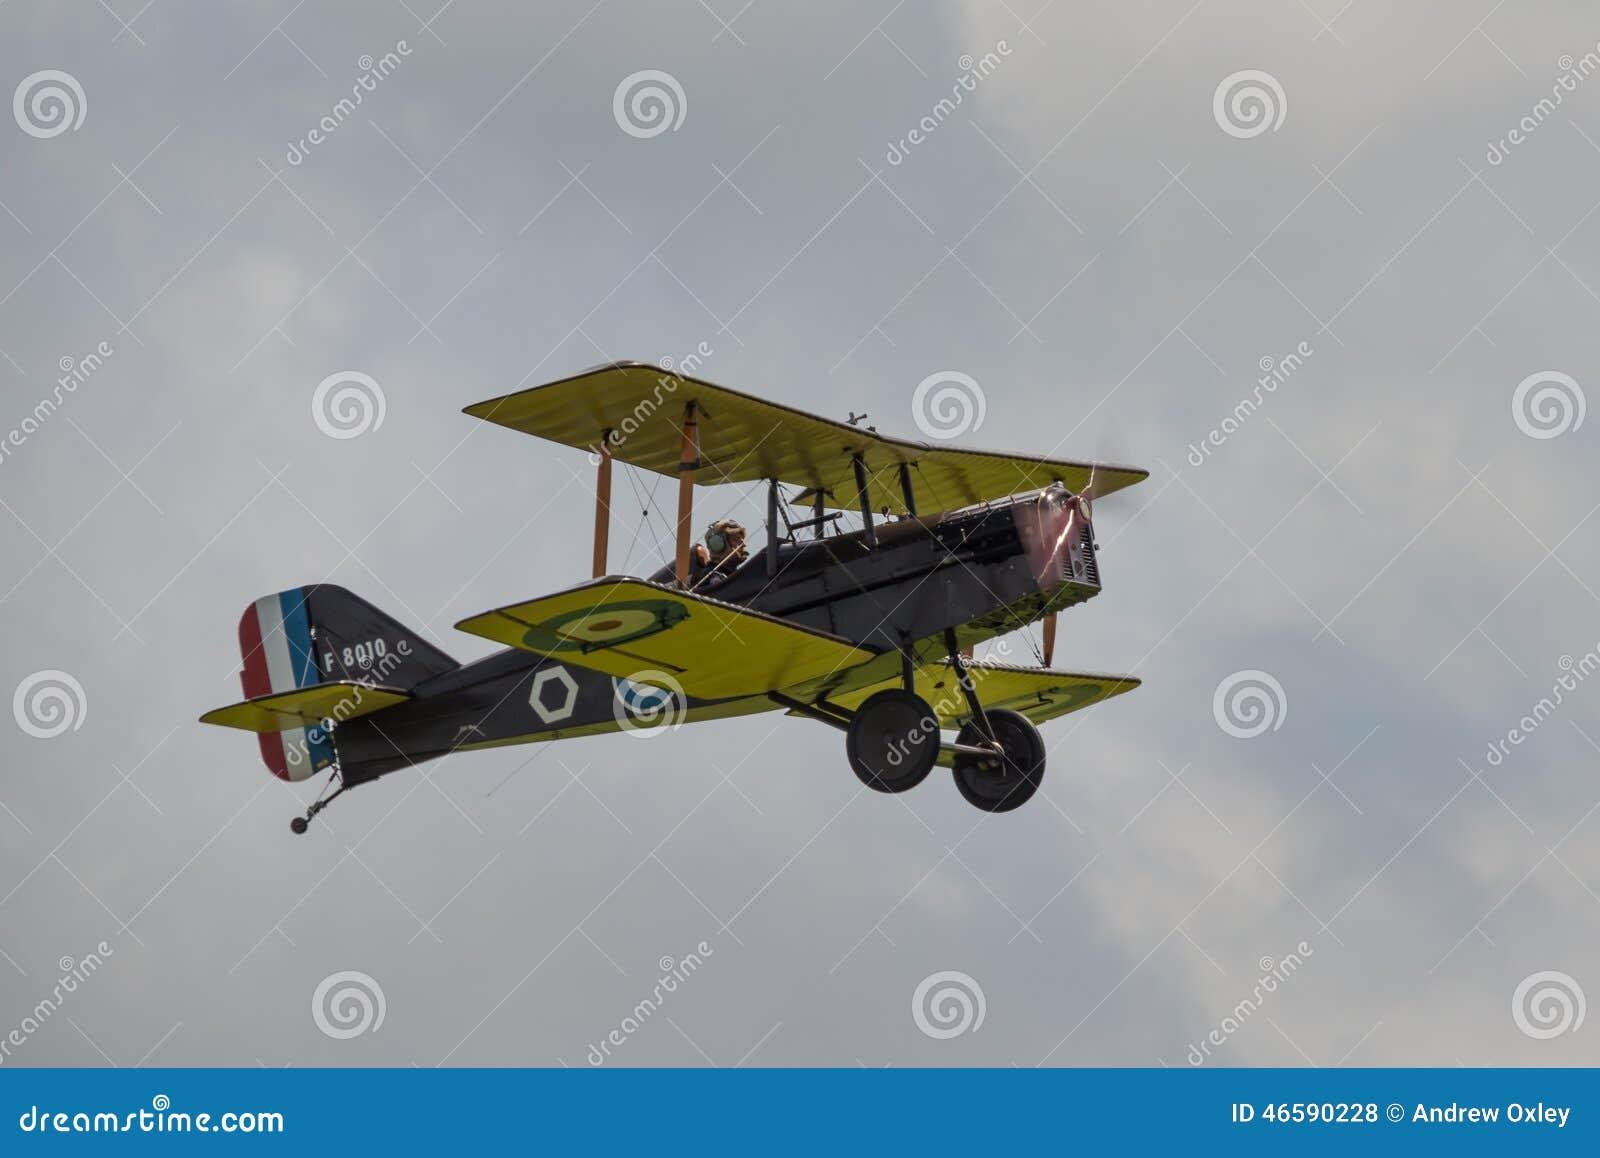 Weinlesekampfflugzeug des R.A.F. SE5a